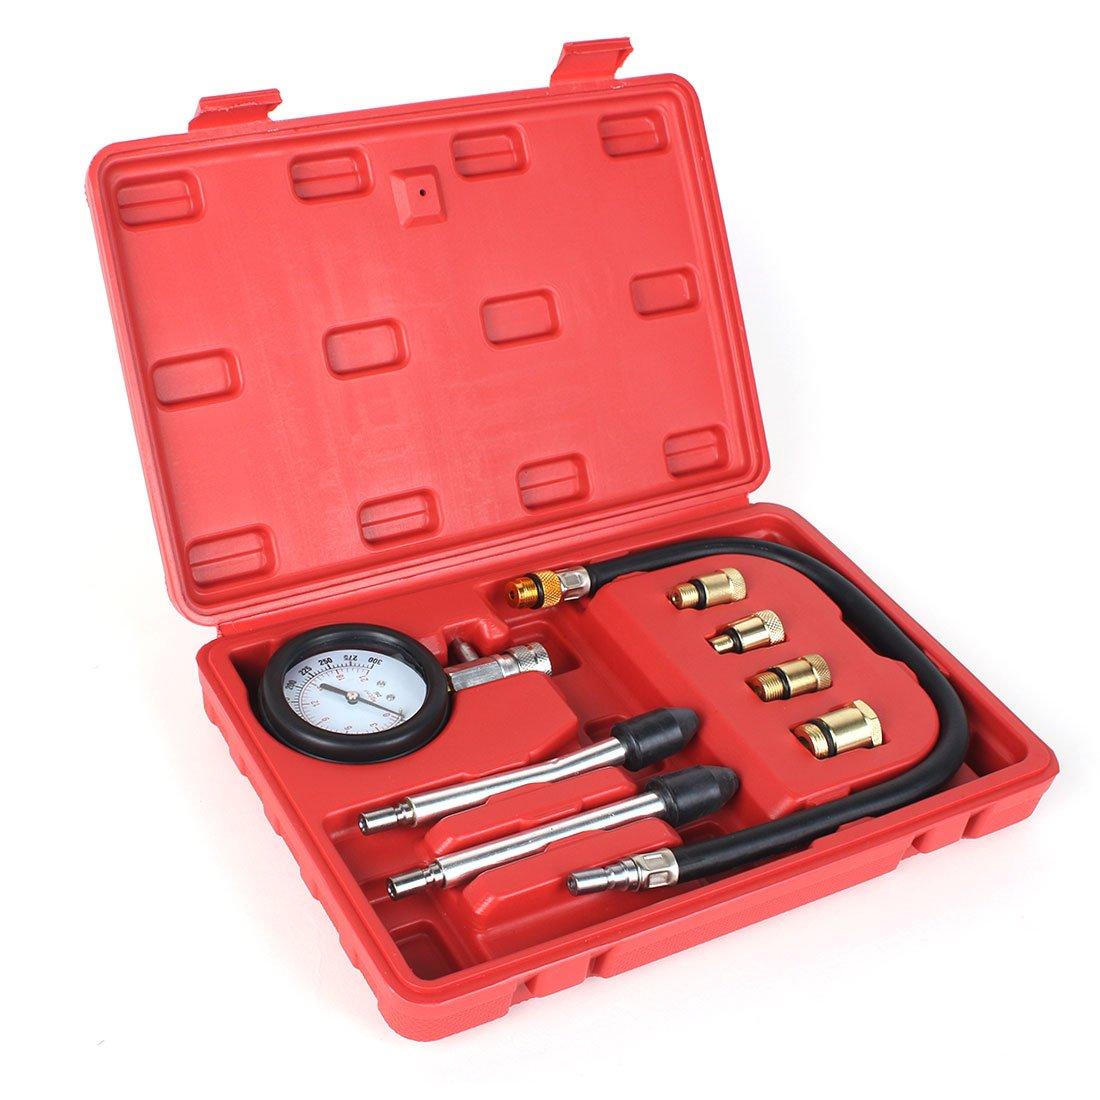 8PCS Professional Tester Test Kit Cylinder Compression Gas Engine Set Automotive Tool Gauge for Car & Truck